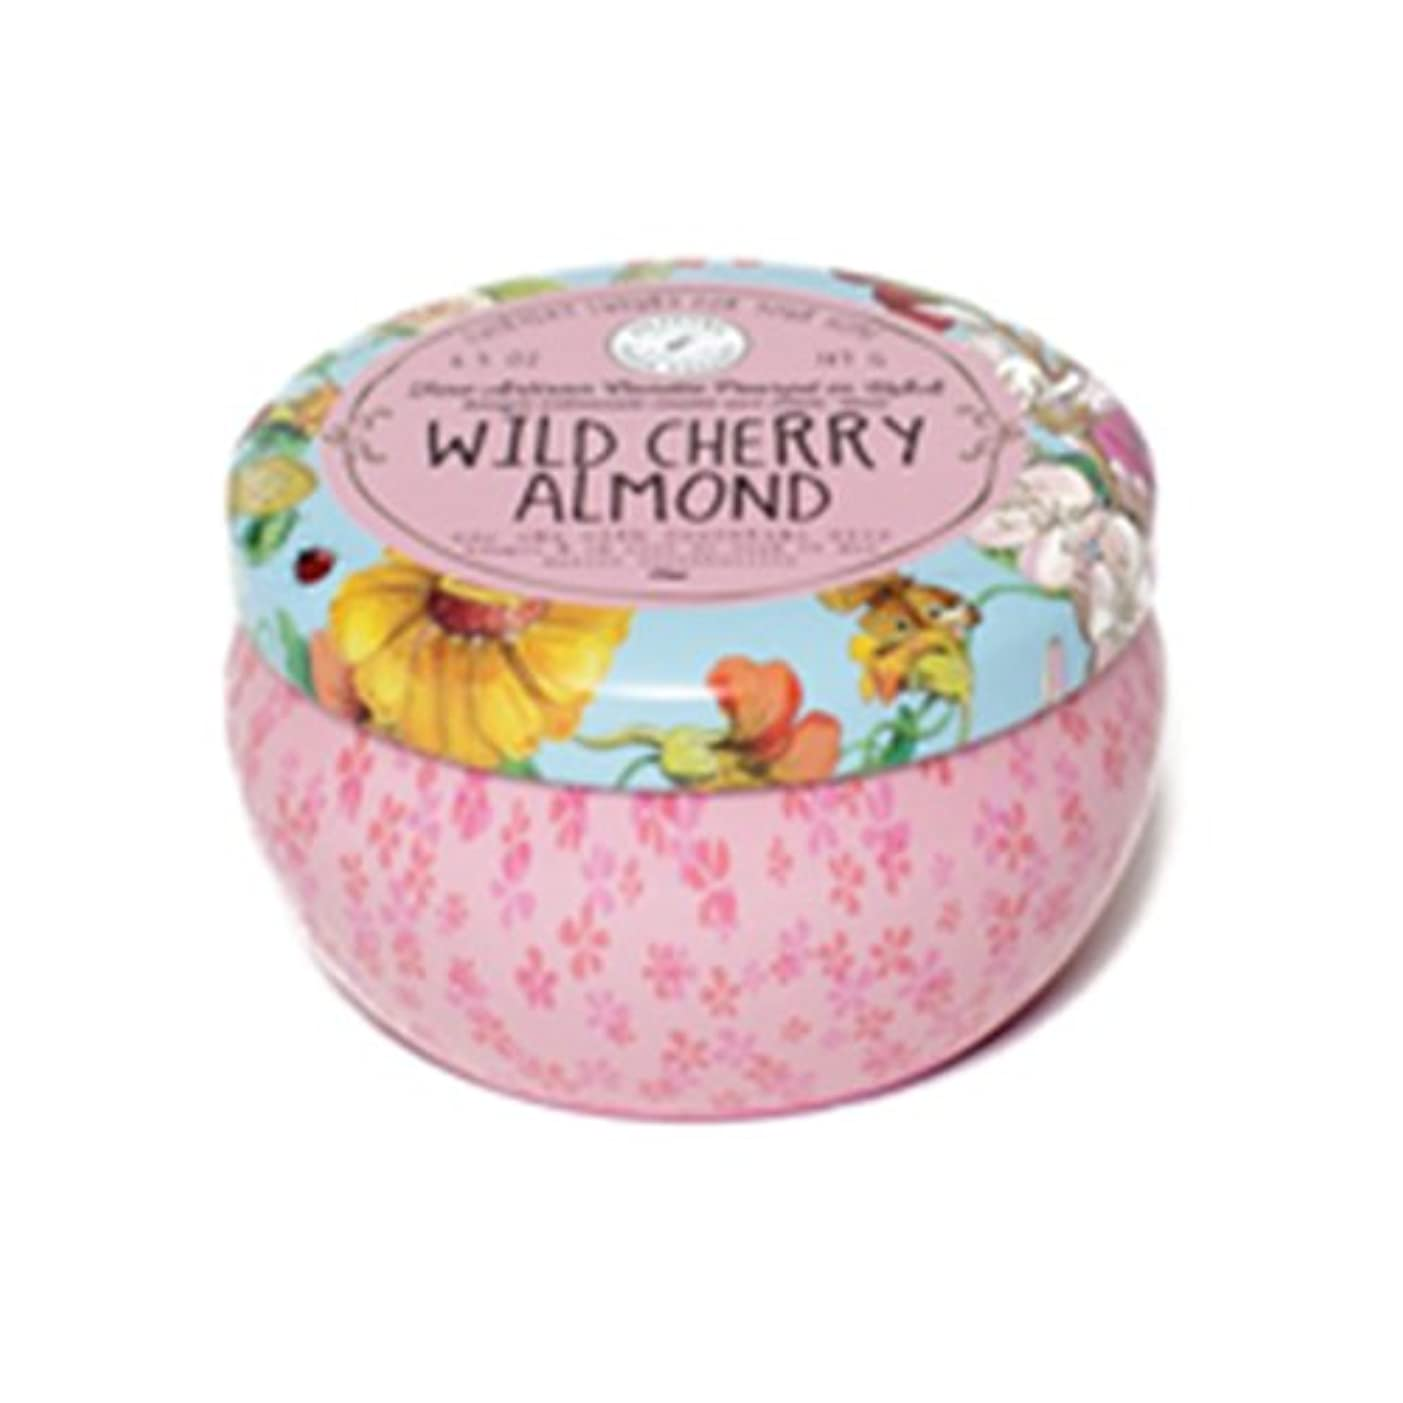 引き金カリキュラムいつでもNapa Valley Apothecary wild cherry almond ワイルドチェリーアーモンド 缶キャンドル tin candle ナパバレーアポセカリー Olivina オリビーナ